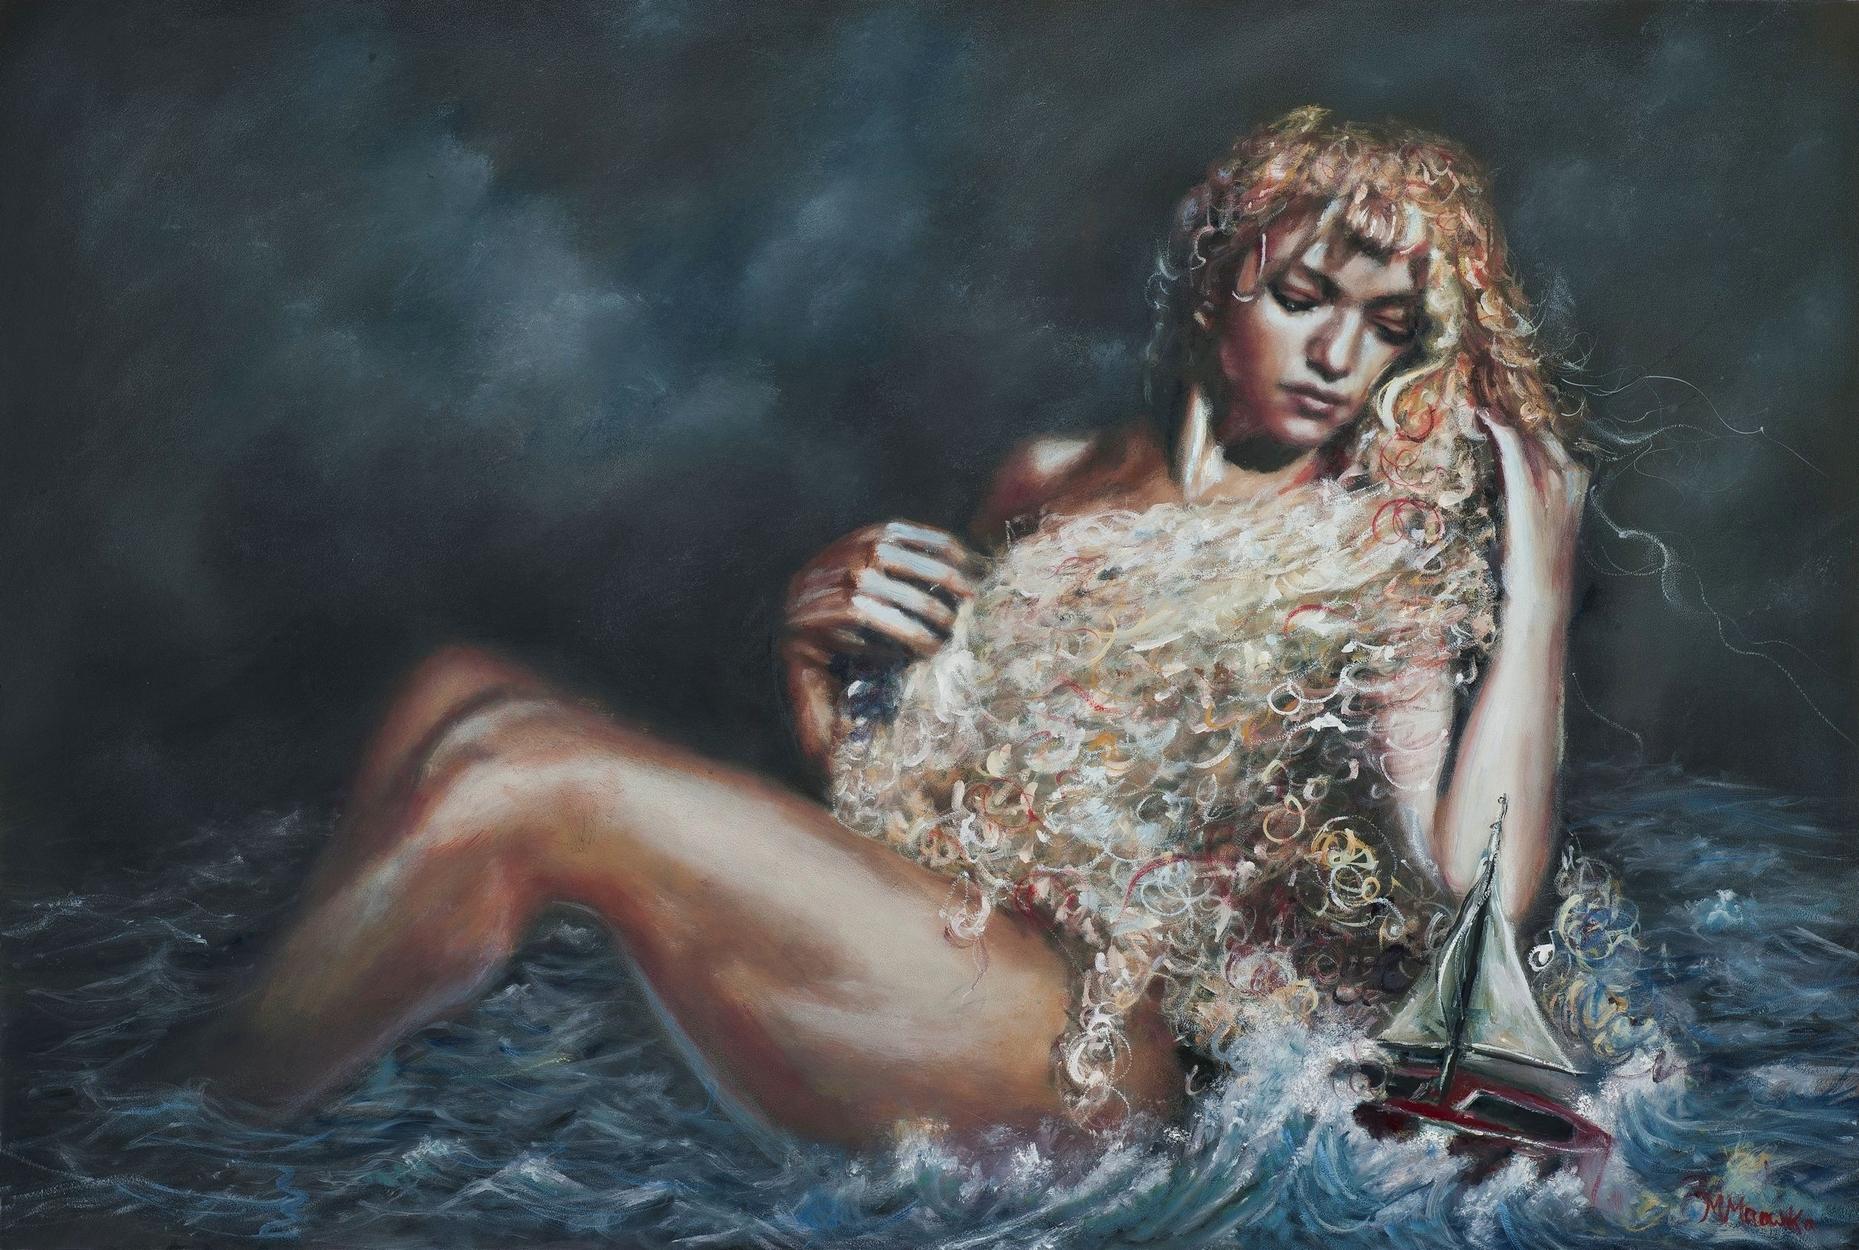 Siren Artwork by michelle mrowka